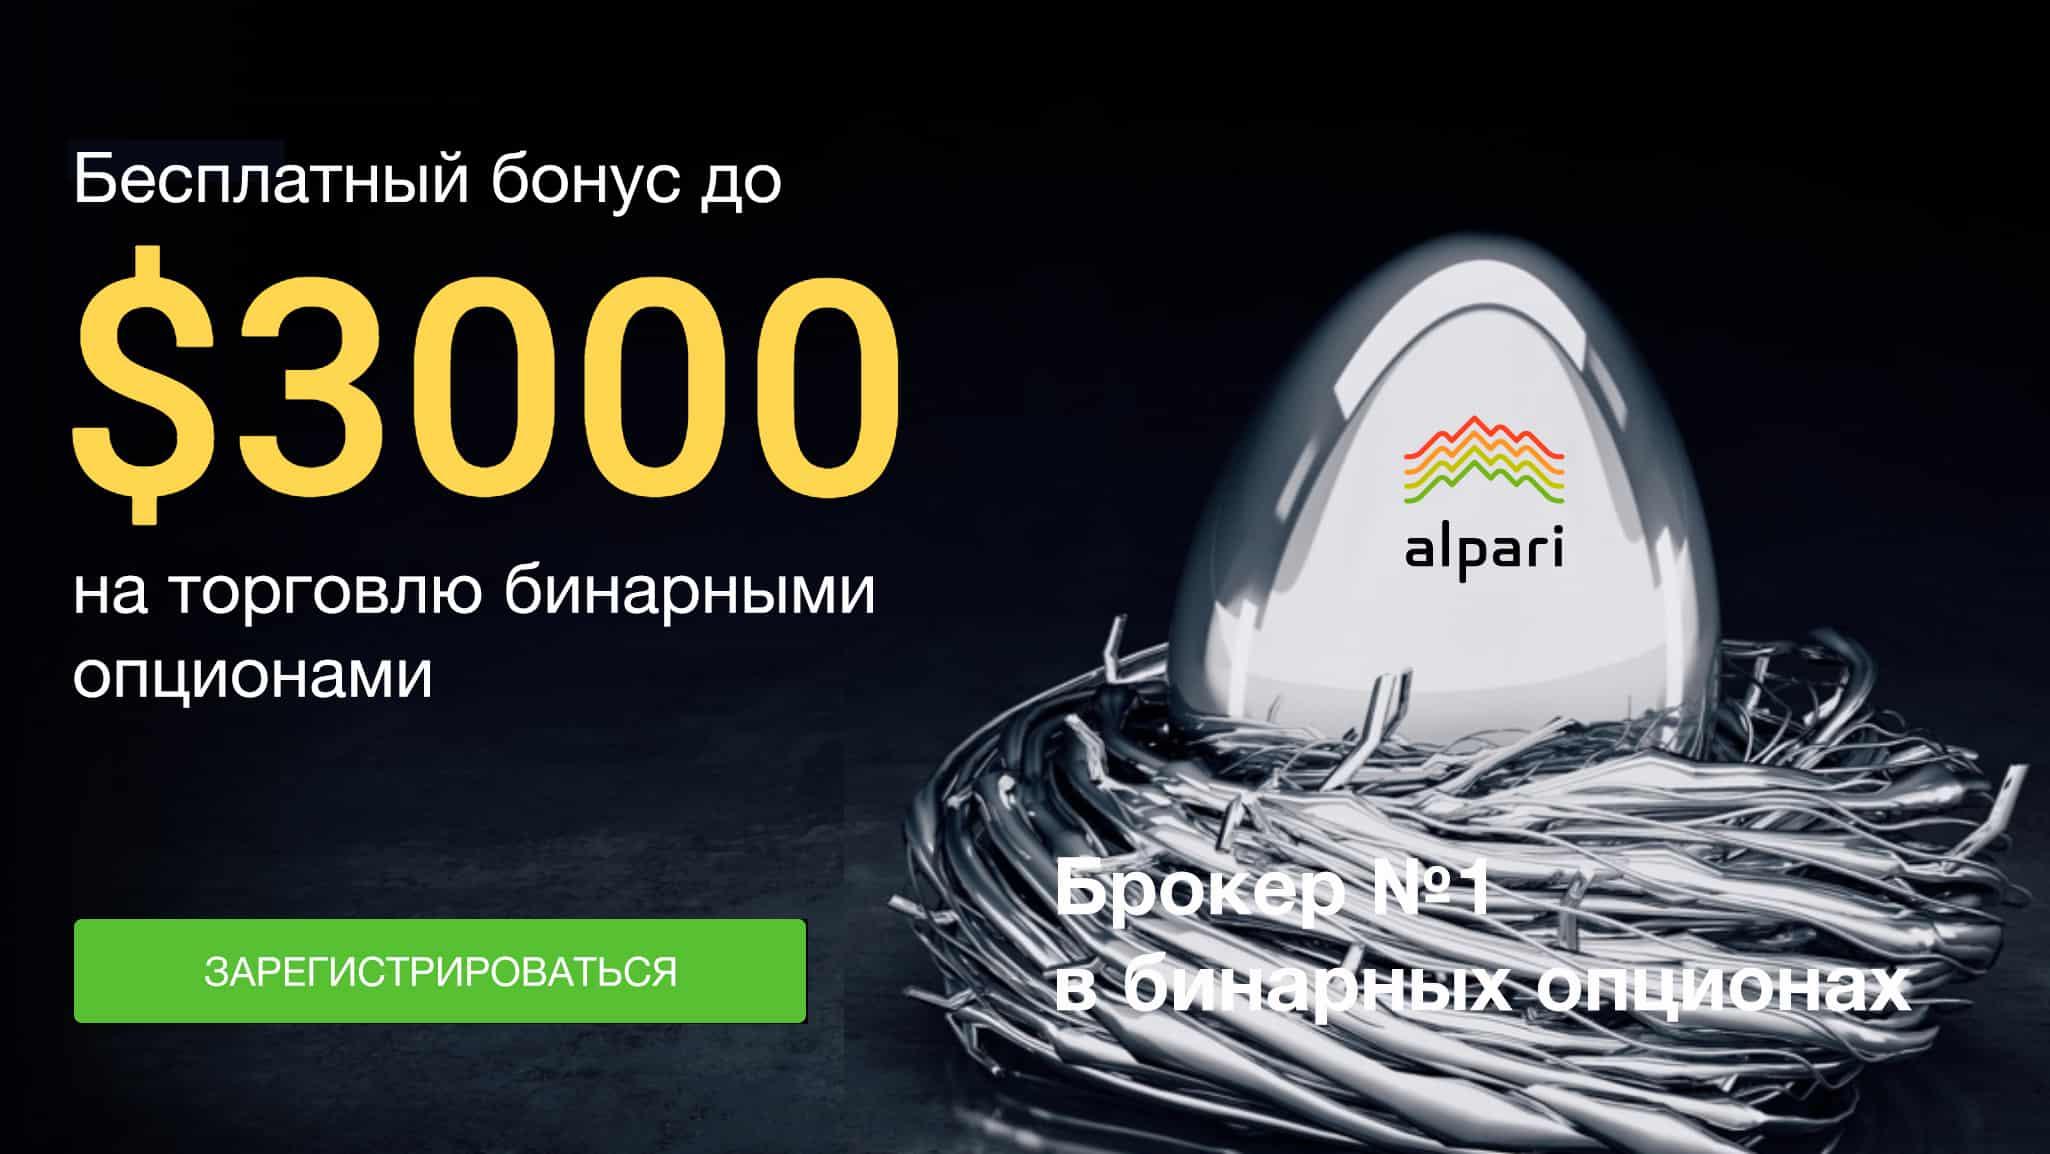 Бонус на бинарные опционы от Альпари